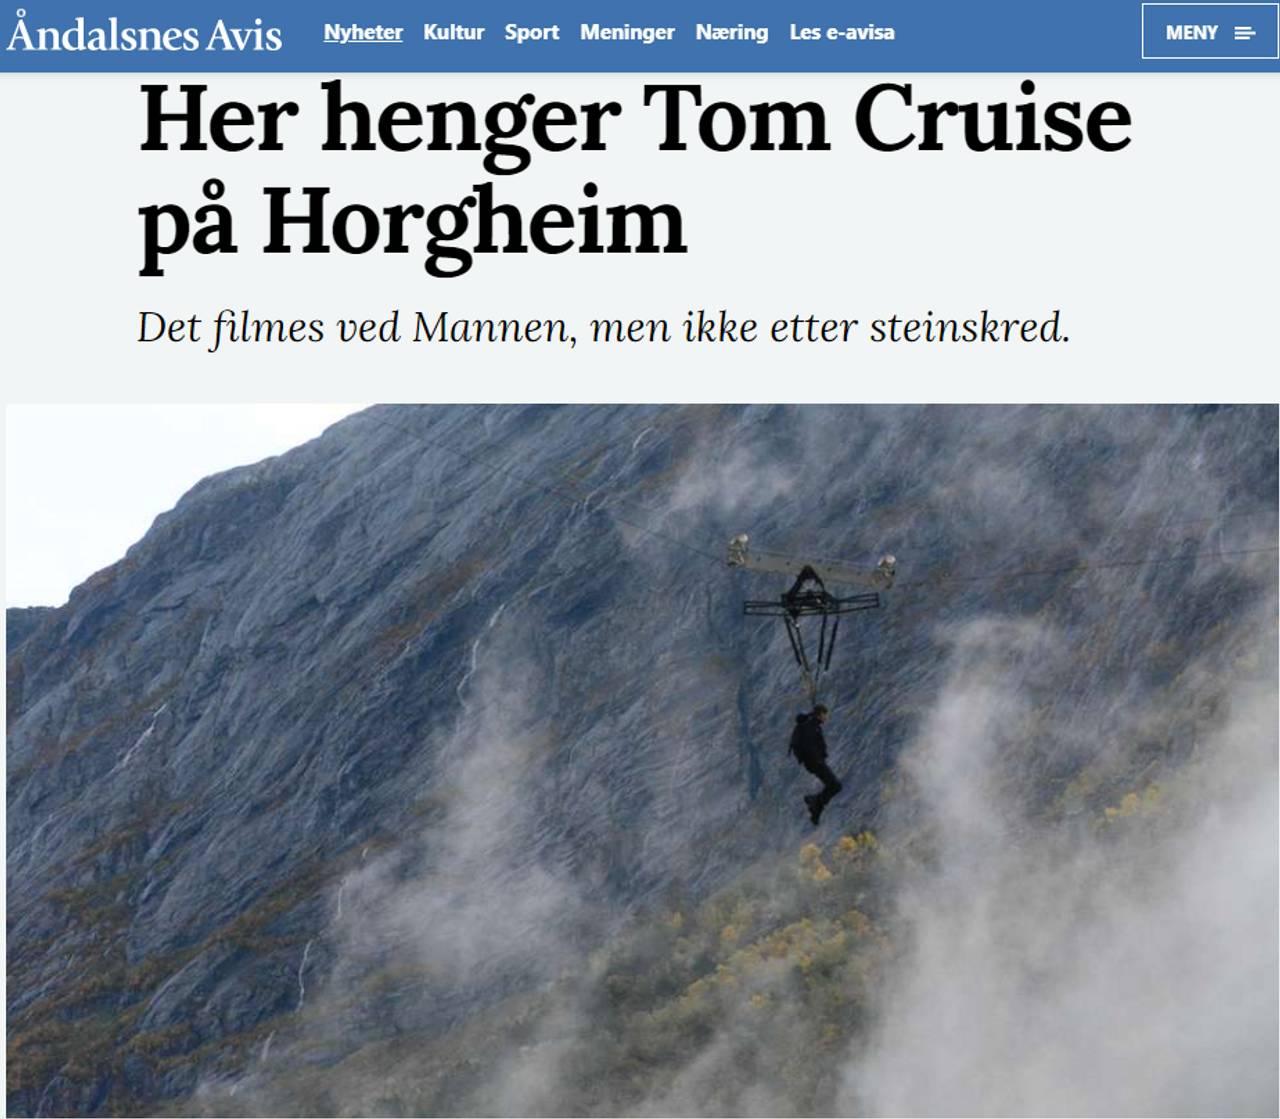 Henger Horgheim